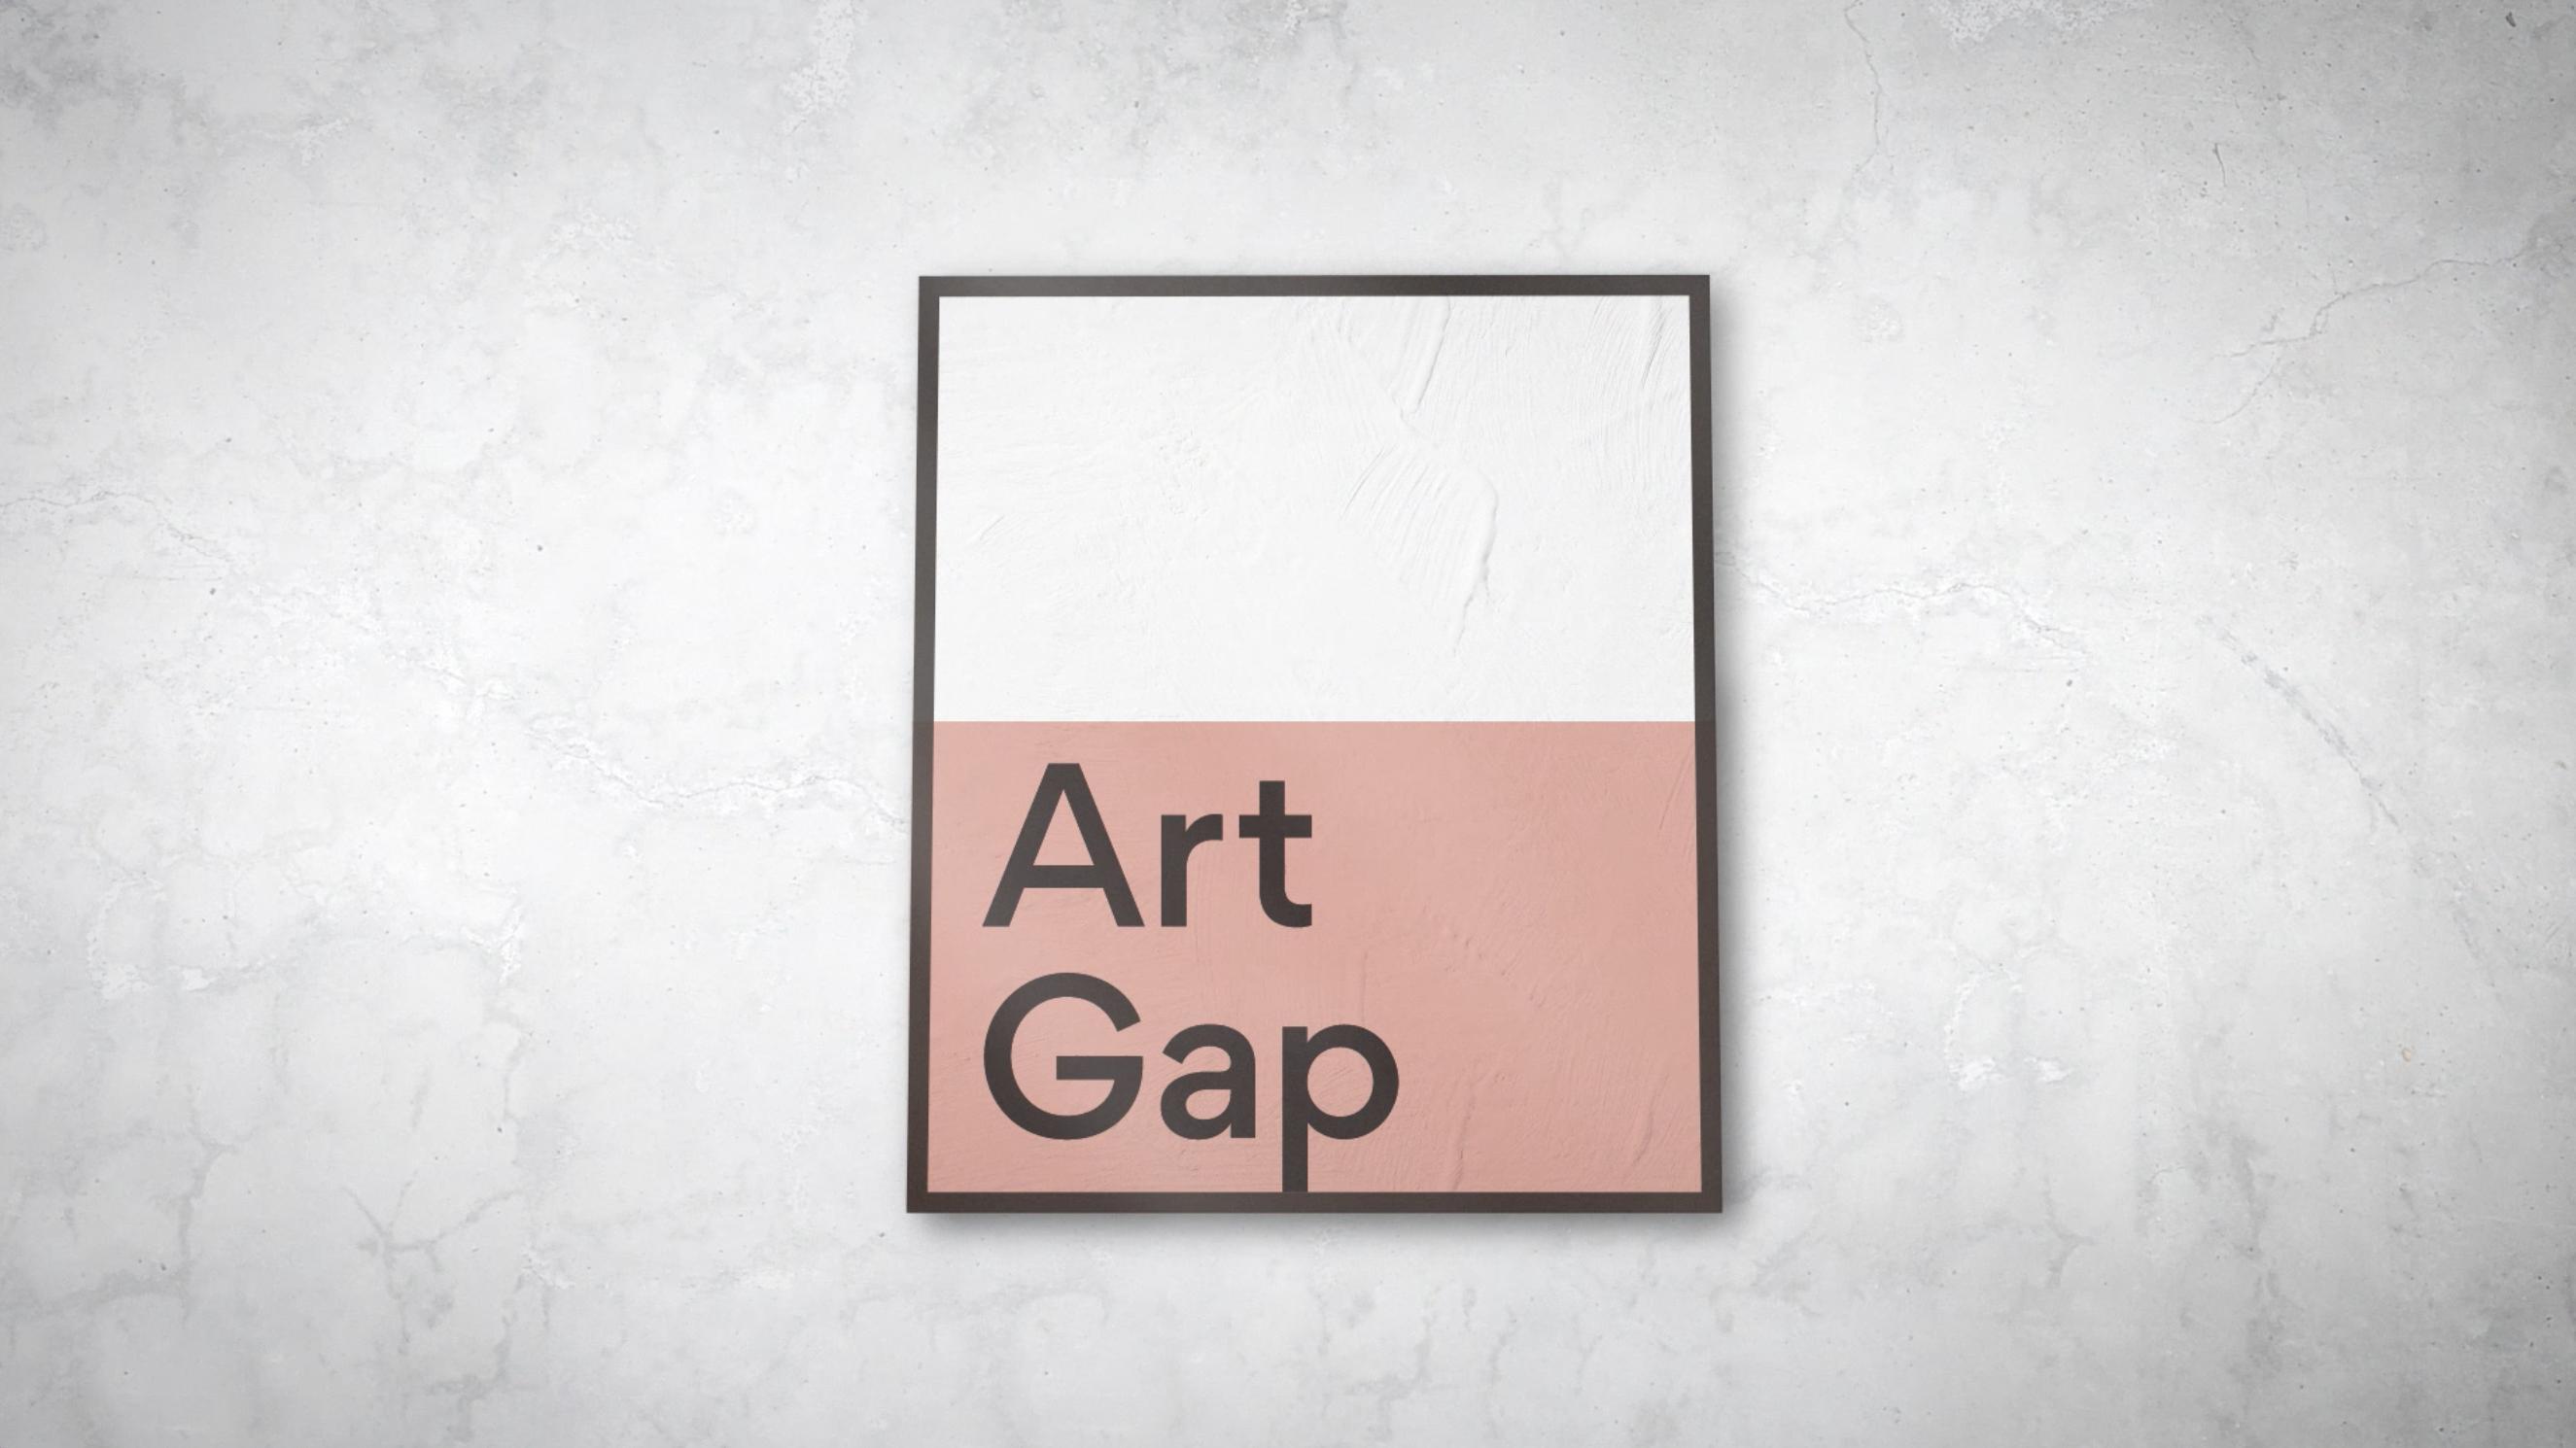 Art Gap